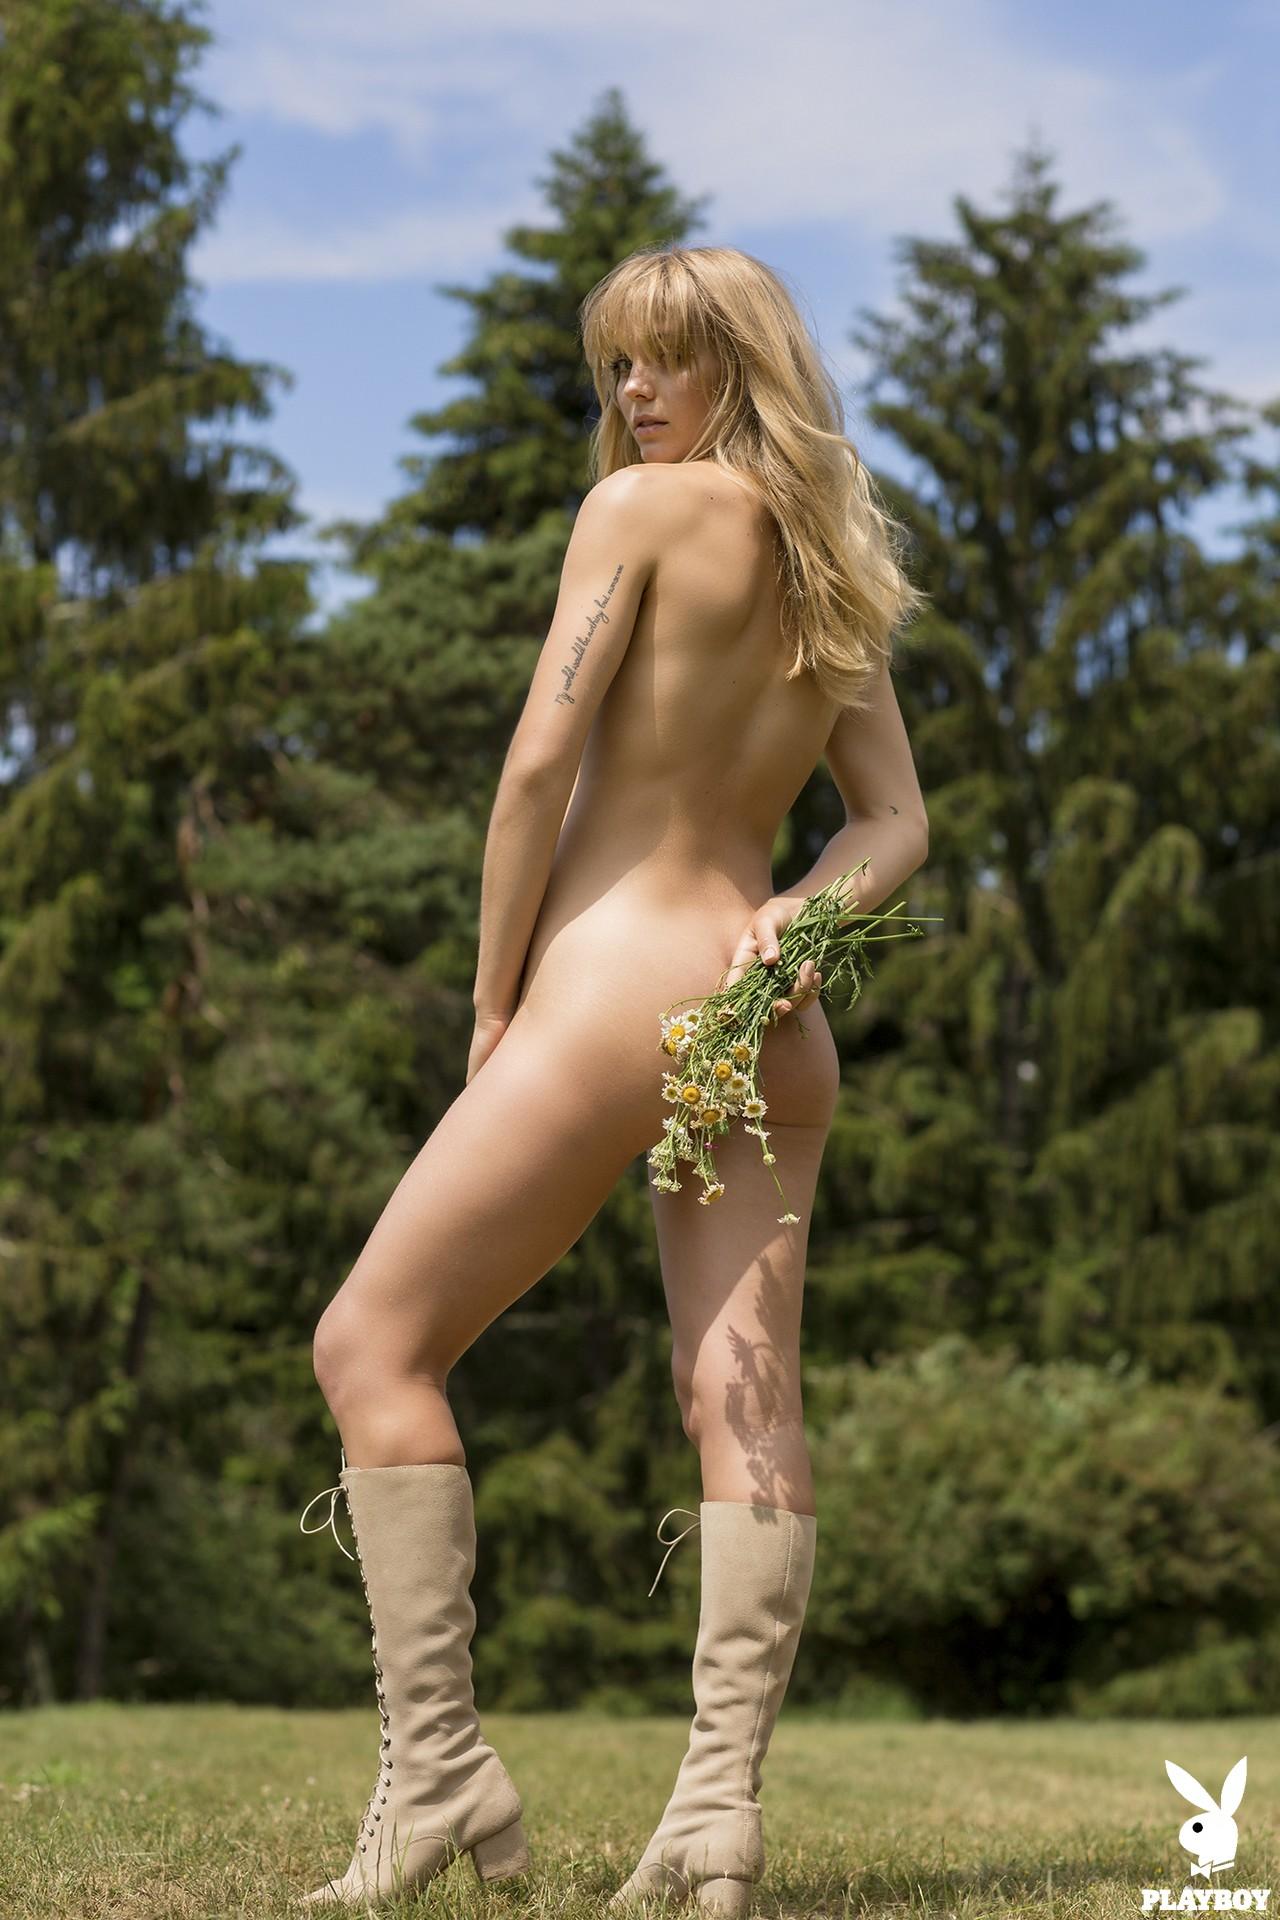 Jordy Murray in Feeling Groovy - Playboy Plus 10